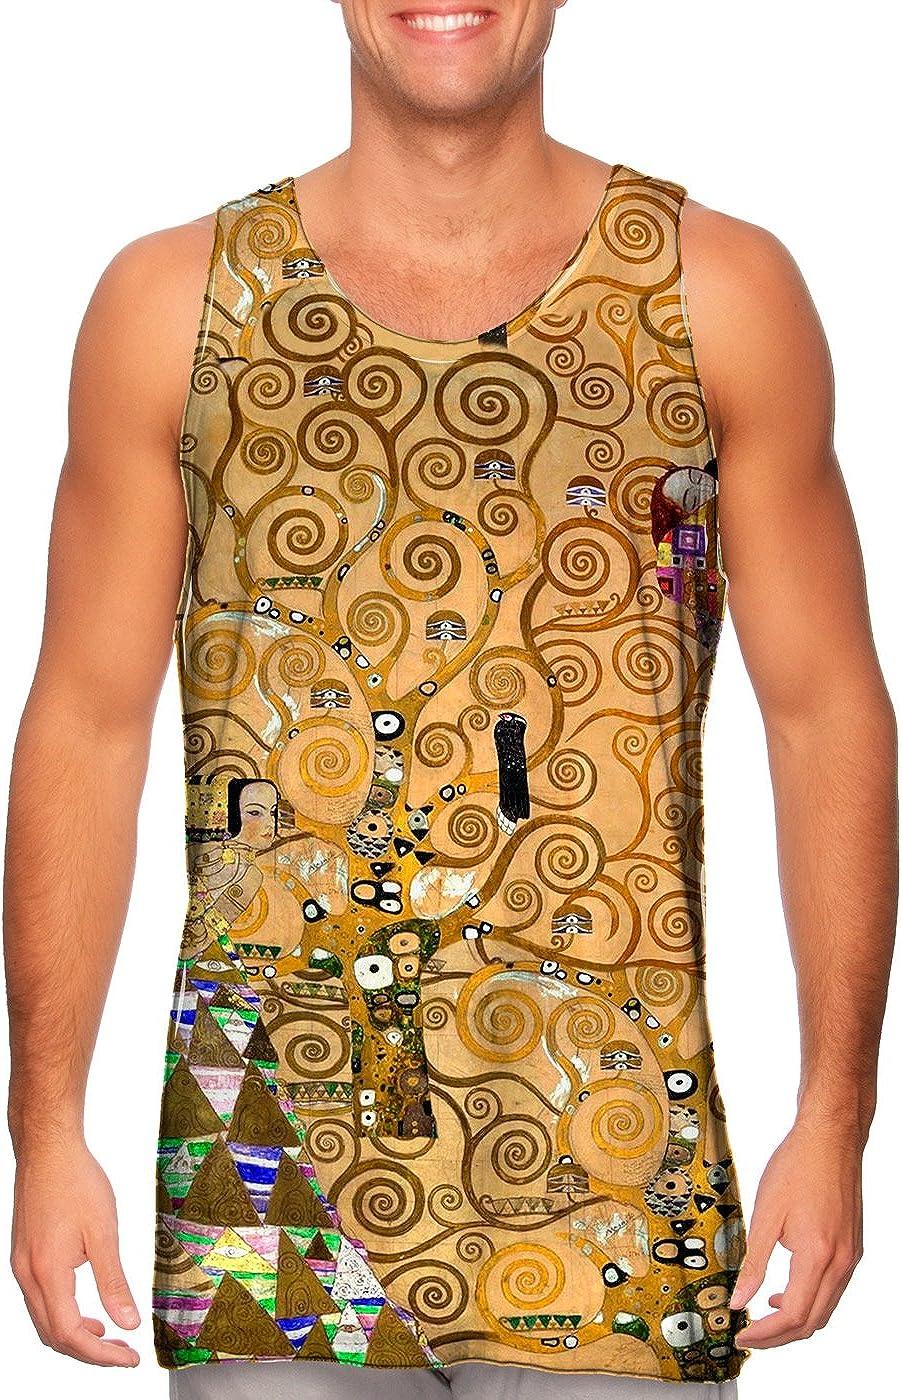 Yizzam- Gustav Klimt - The Tree price Mens Choice of Life Tan -Tshirt- 1905